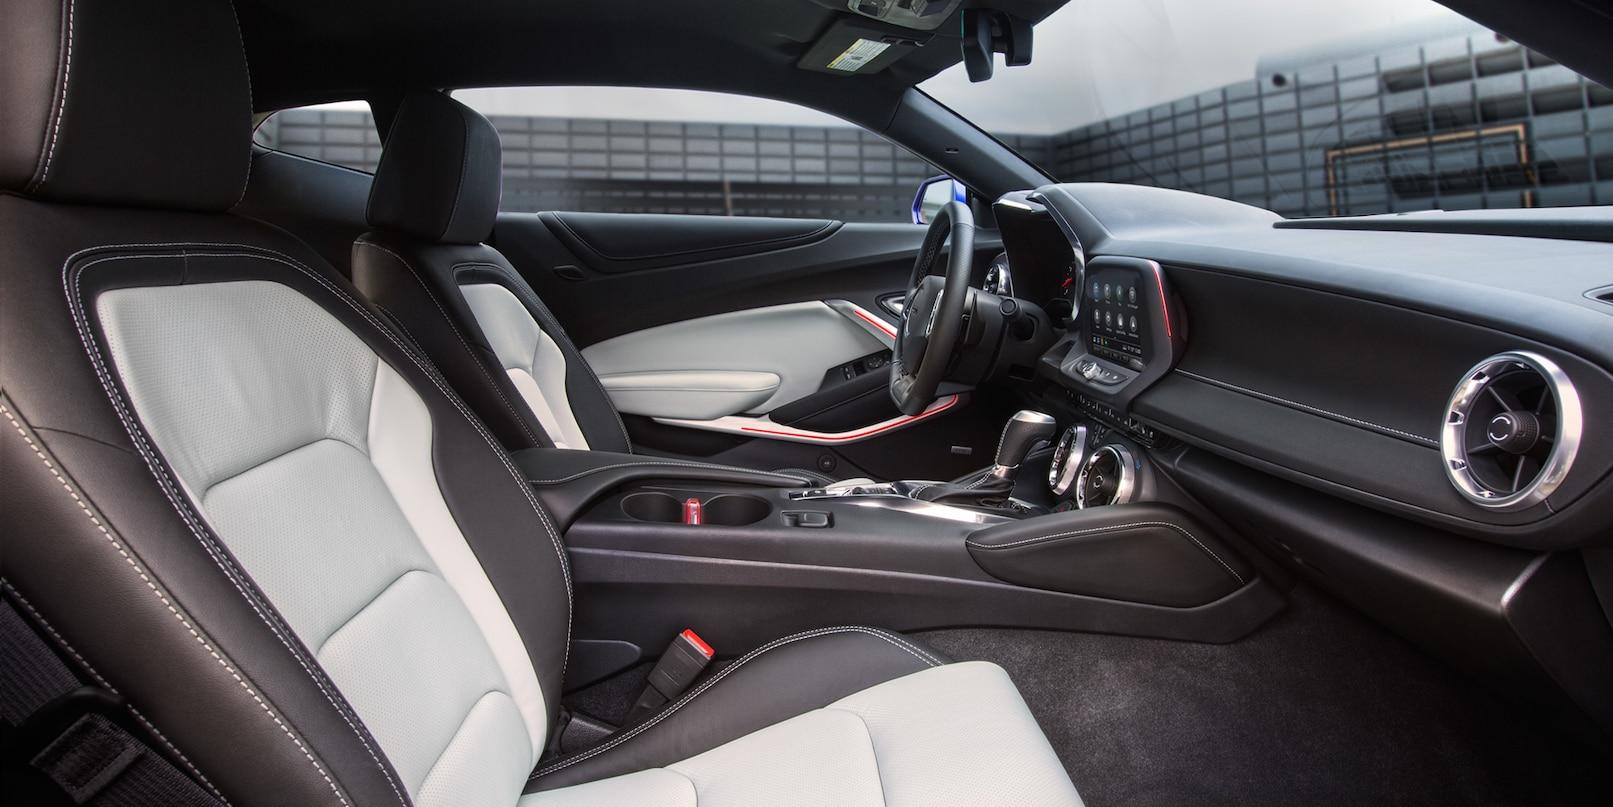 Interior of the 2019 Camaro